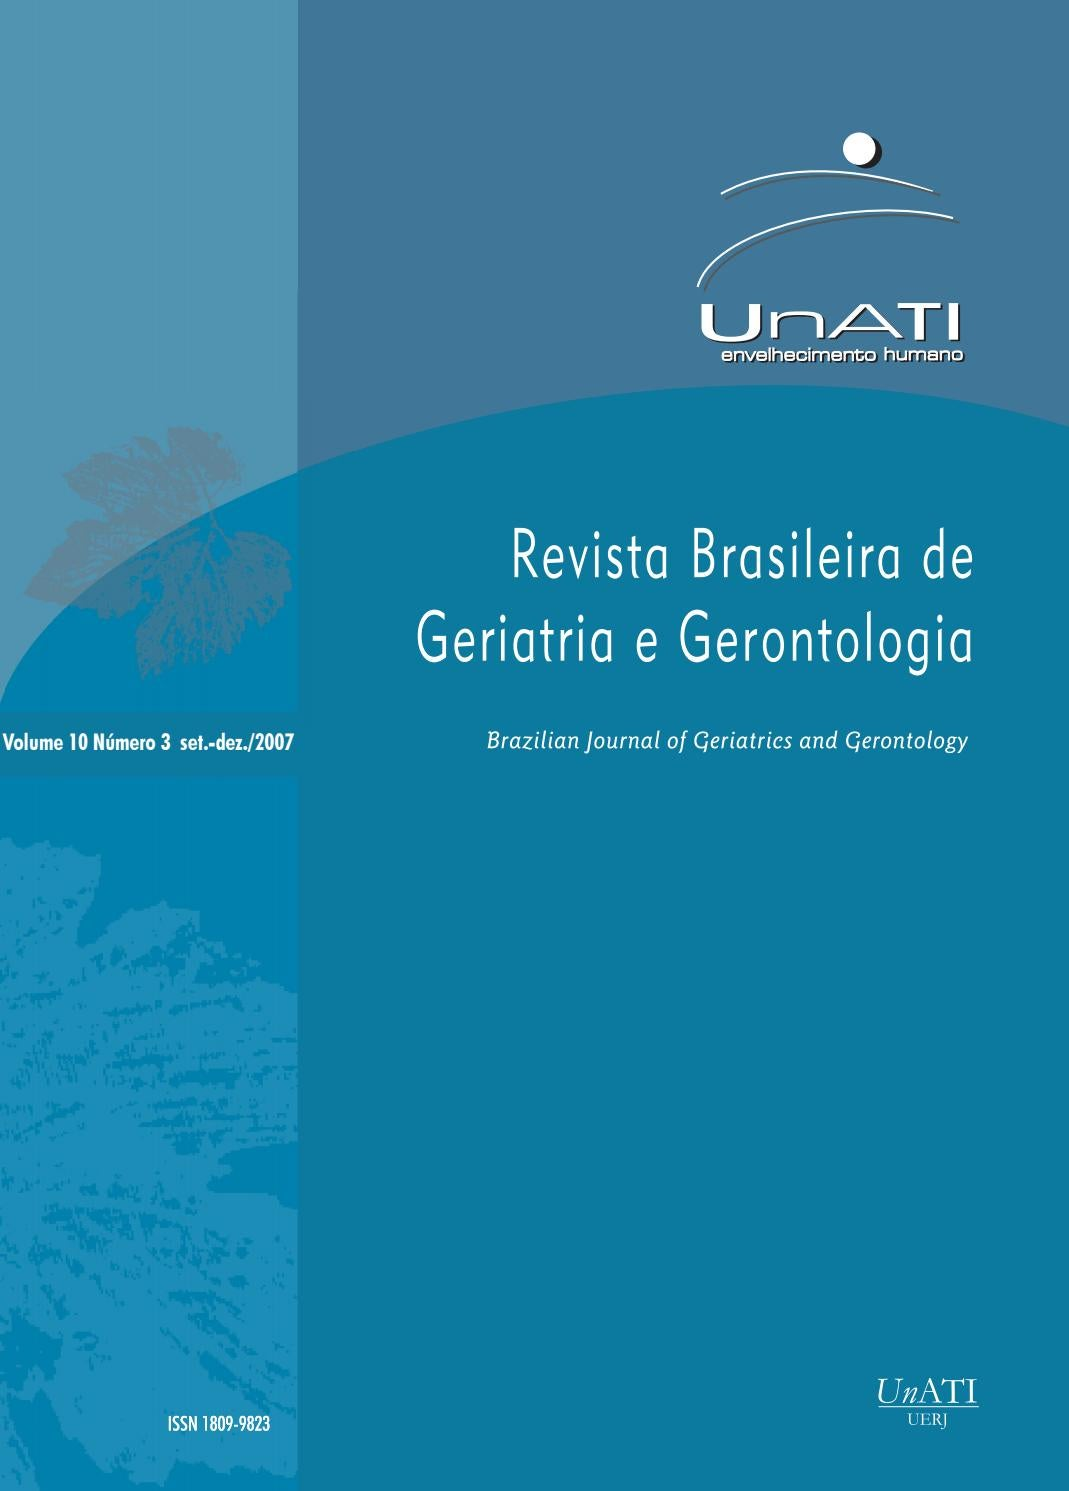 b9cc6e3adf RBGG Vol.10 Nº3 - Setembro Dezembro 2007 by Revista Brasileira de Geriatria  e Gerontologia - RBGG - issuu